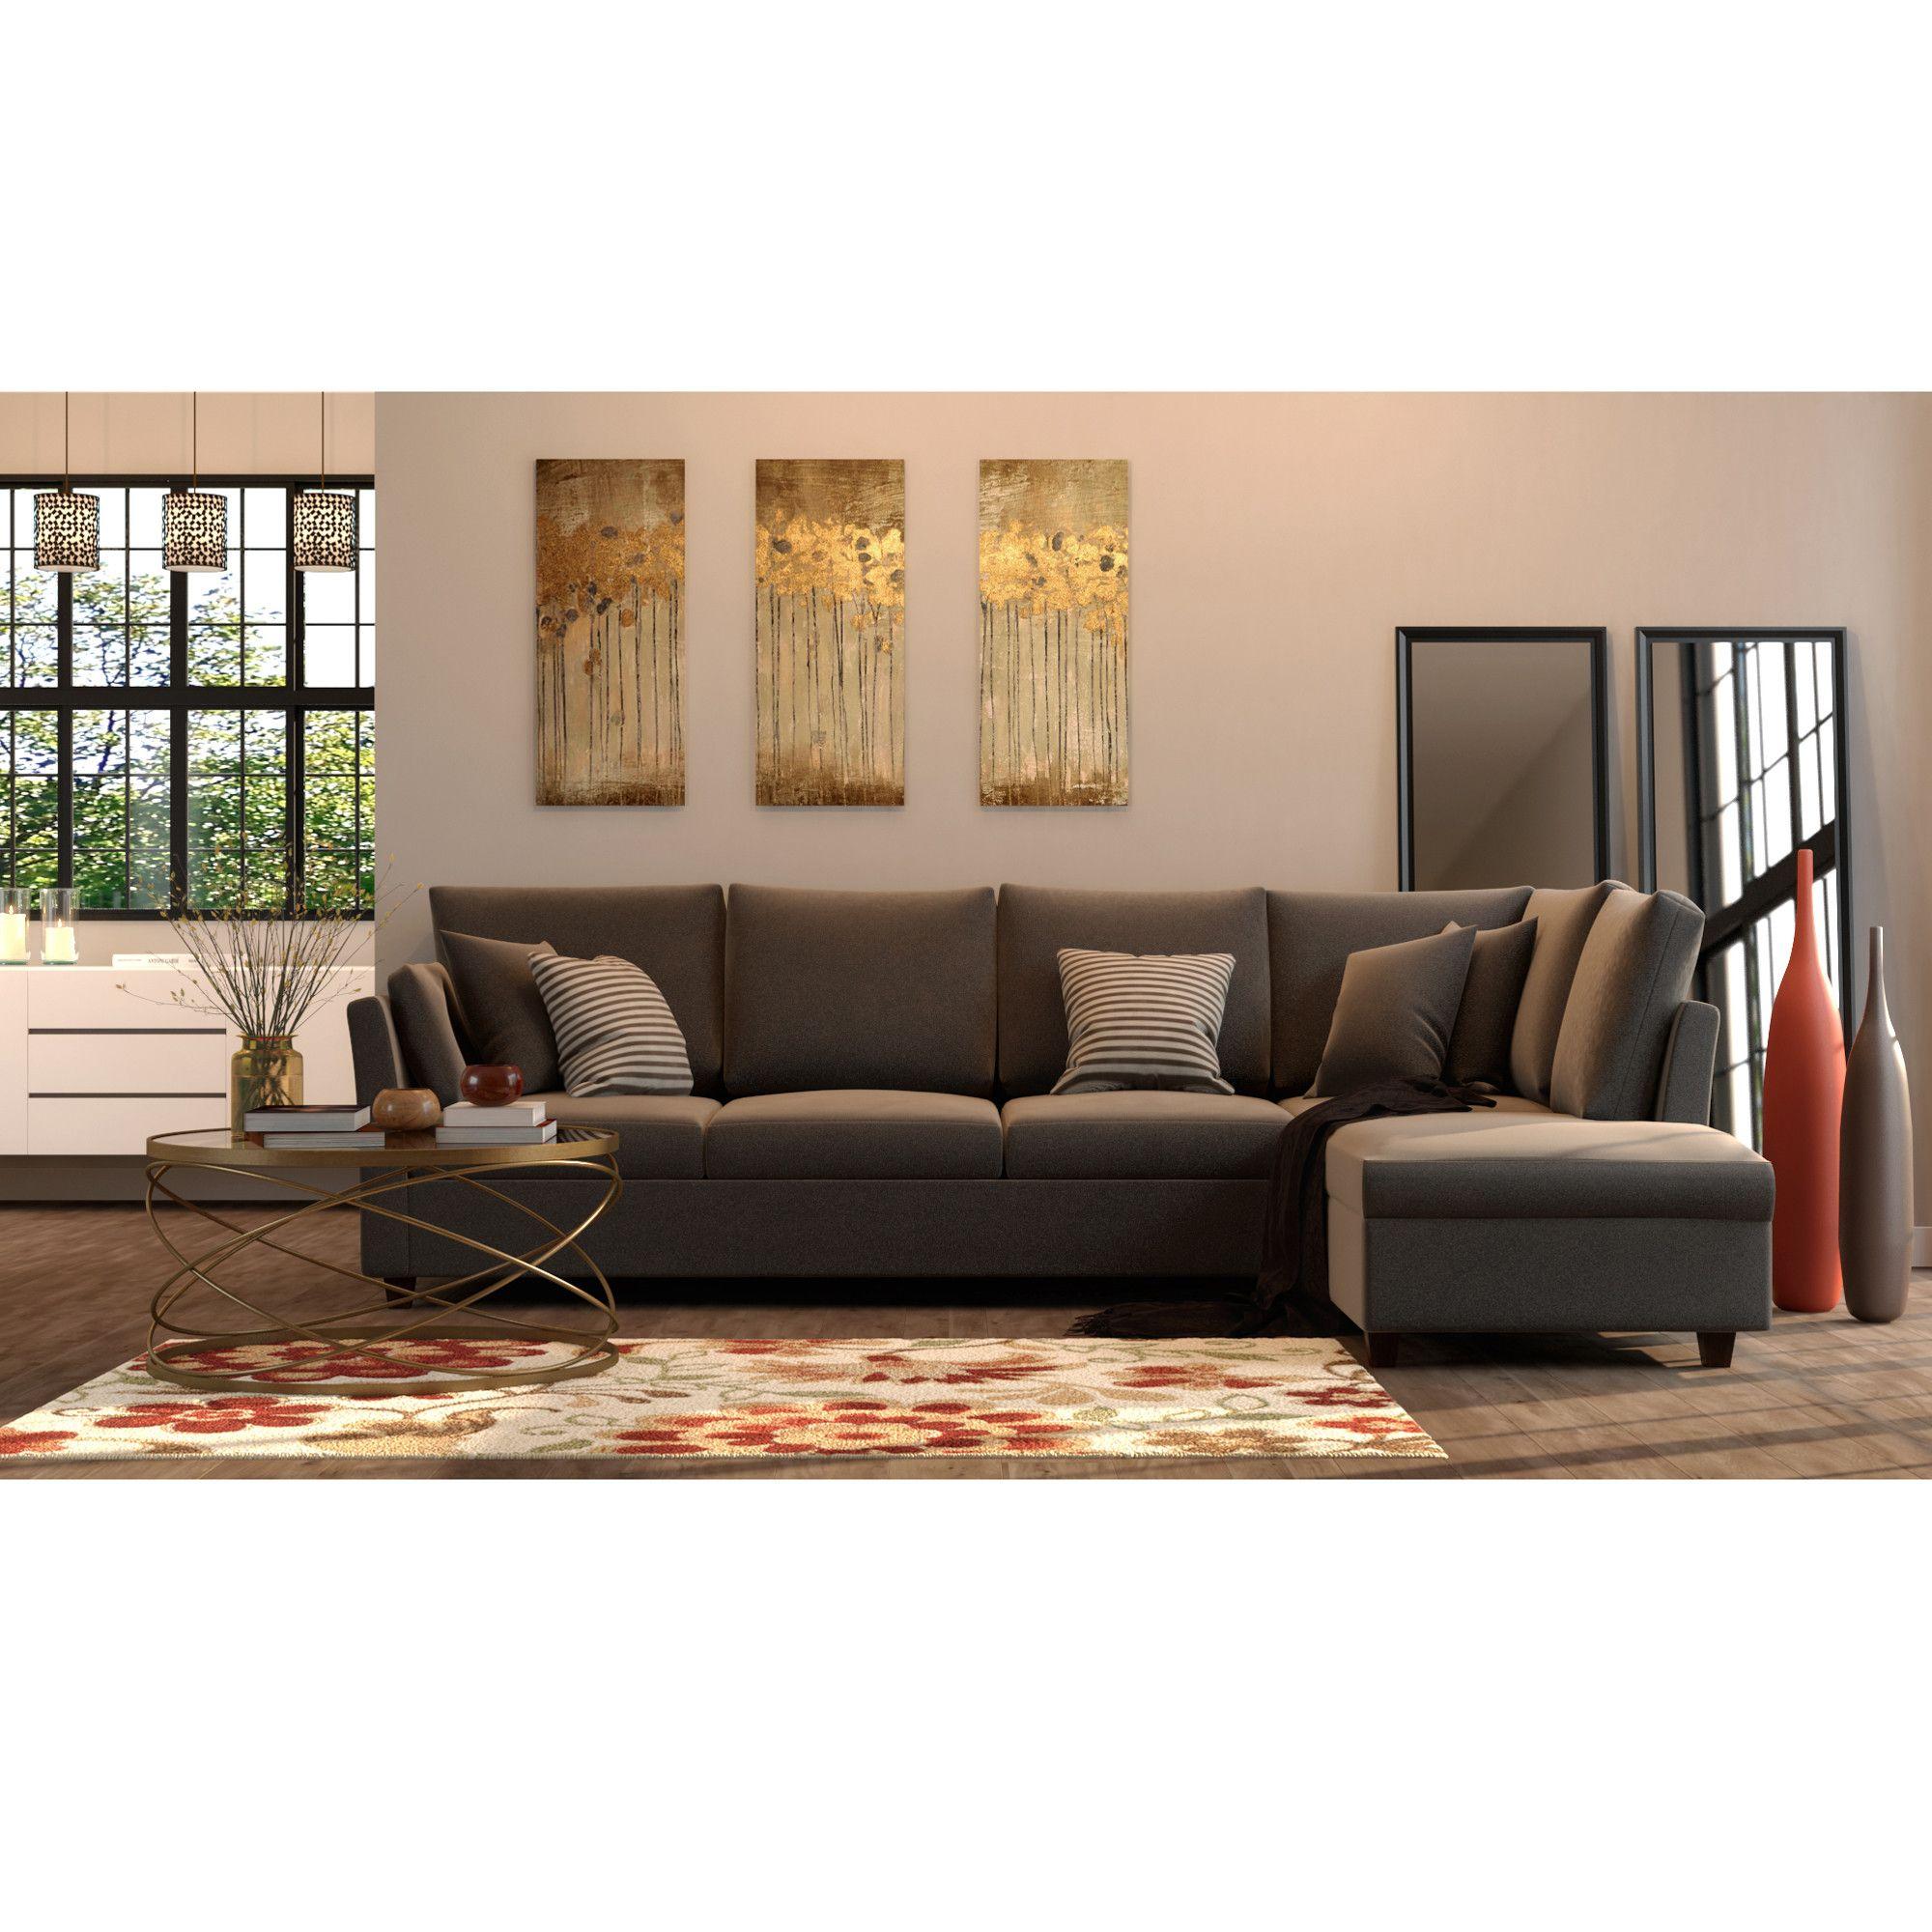 Golden Contemporary Living Room Contemporary living room